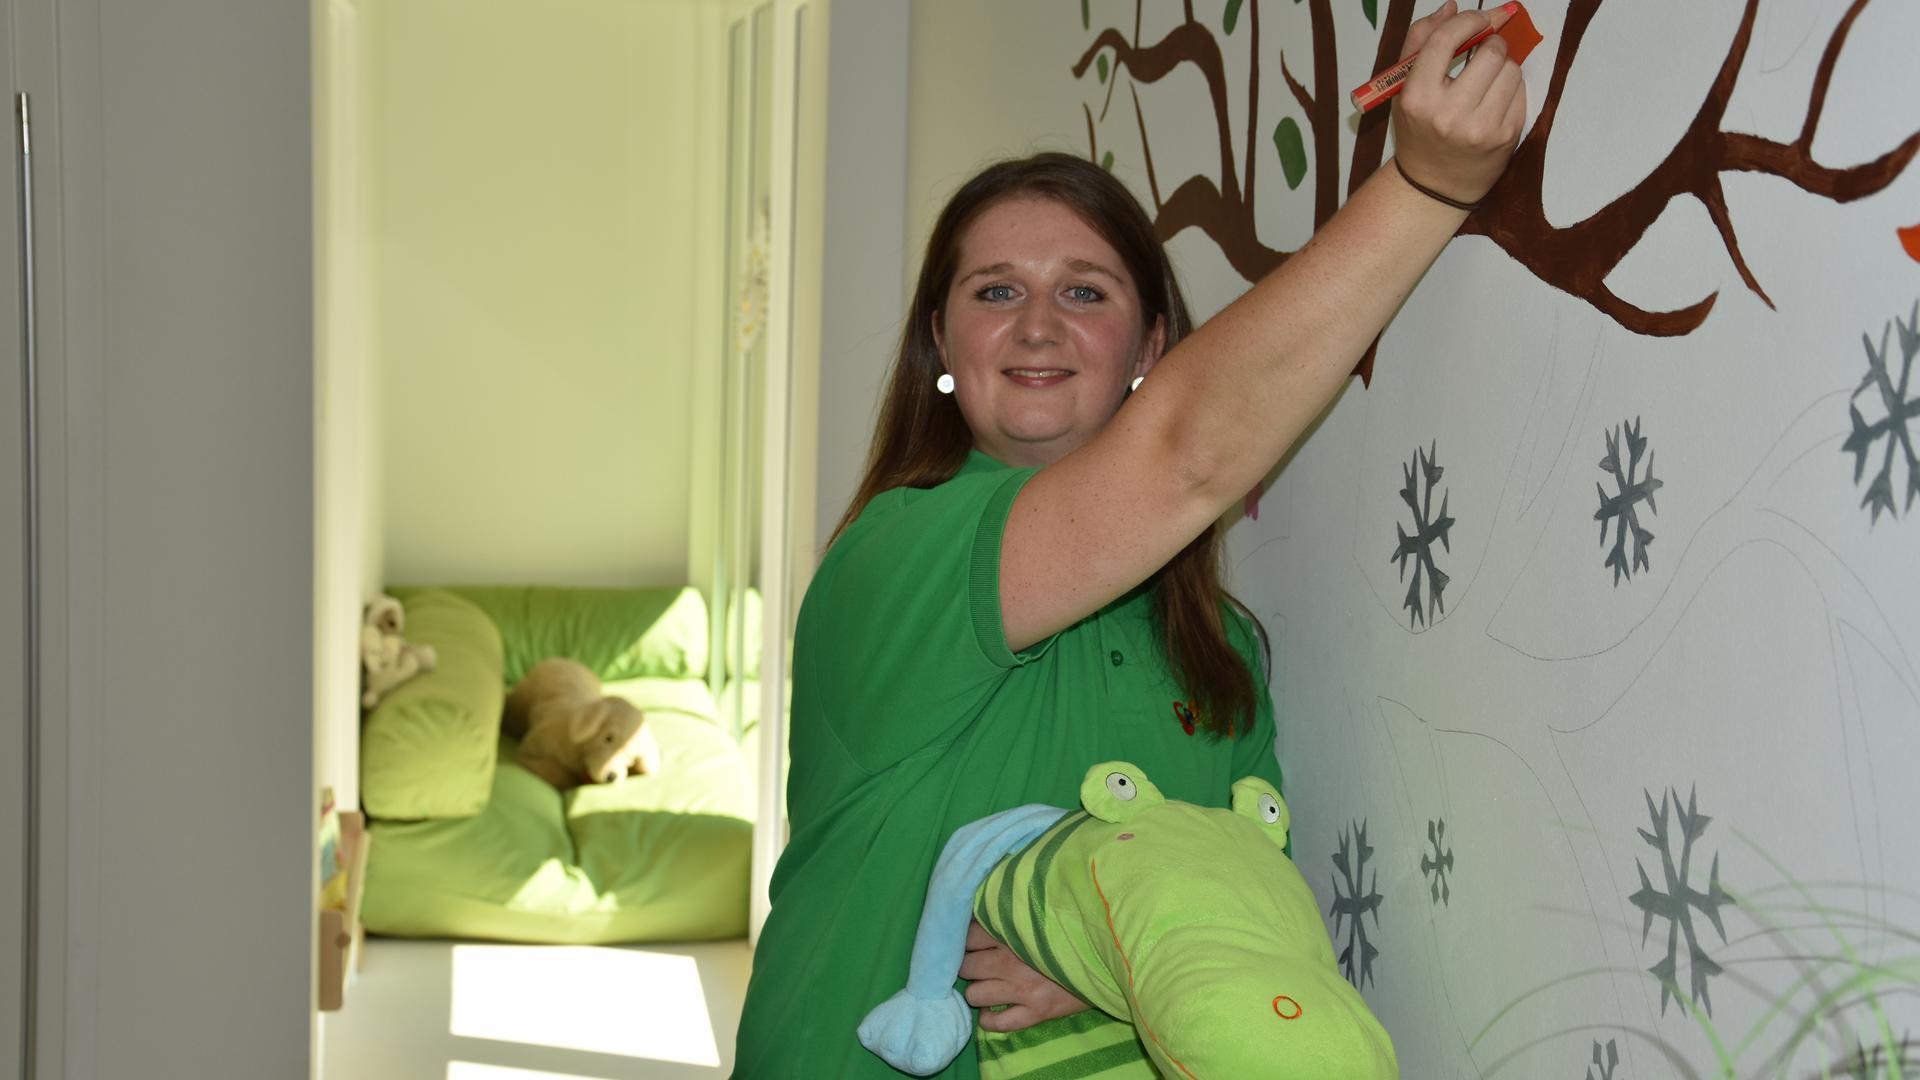 Kindergarten Spielwiese: Pia Wiggenhauser, Einrichtungsleiterin der neueröffneten Kinderkrippe der Stadt Gernsbach unter der Trägerschaft der Spielwiese - am Vierjahres-Geburtstagsbaum für die Kinder, an dem die Eltern noch mitgestalten dürfen